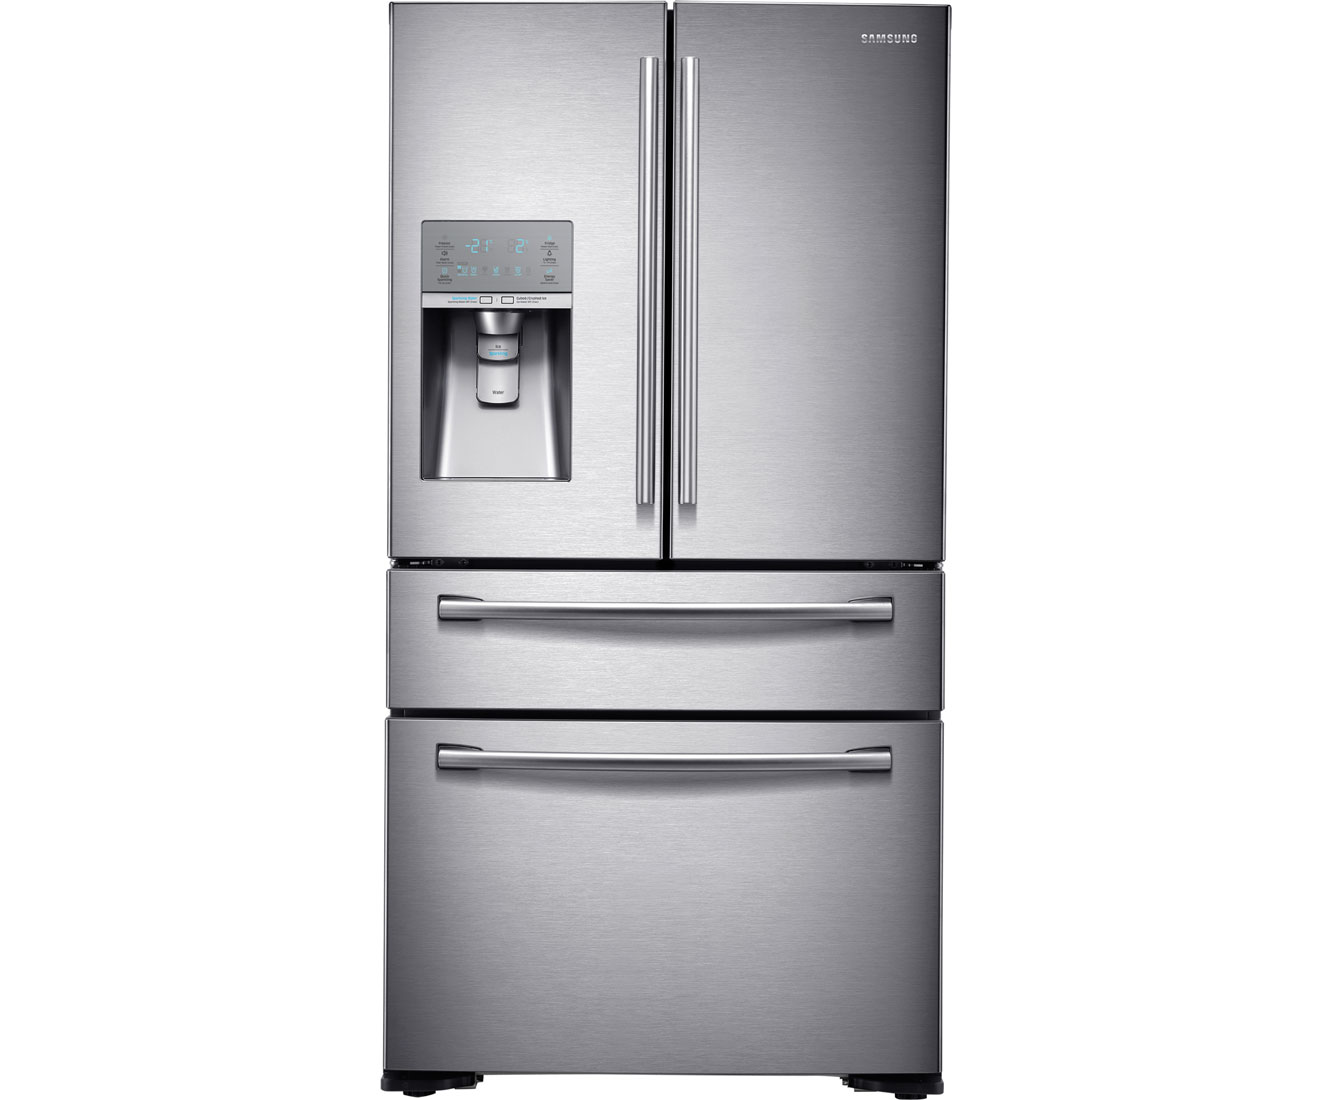 Side By Side Kühlschrank Samsung : Kühlschrank samsung side by side preisvergleich u die besten